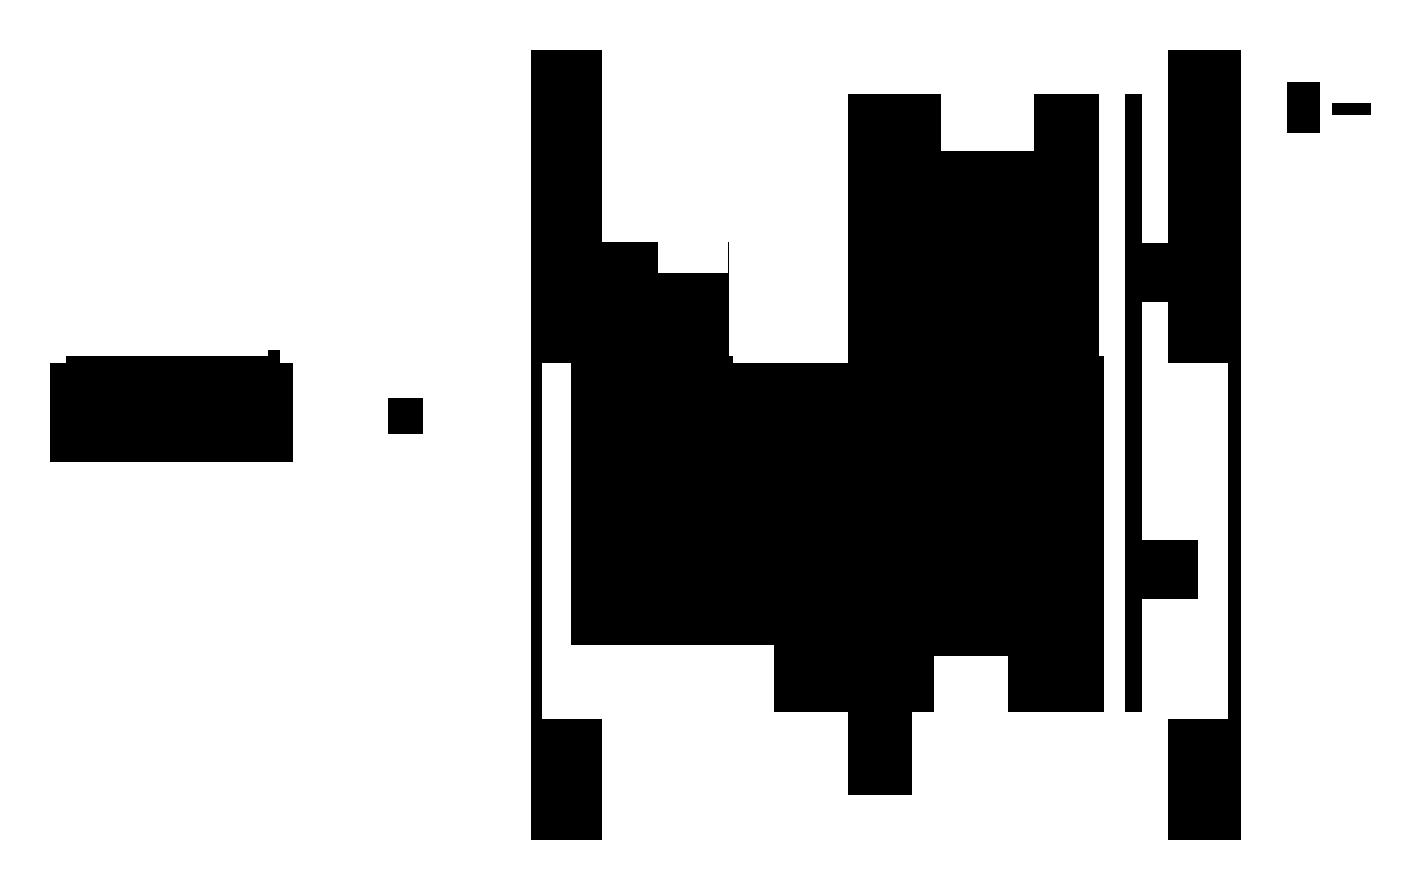 Hexafluorosilicic Acid